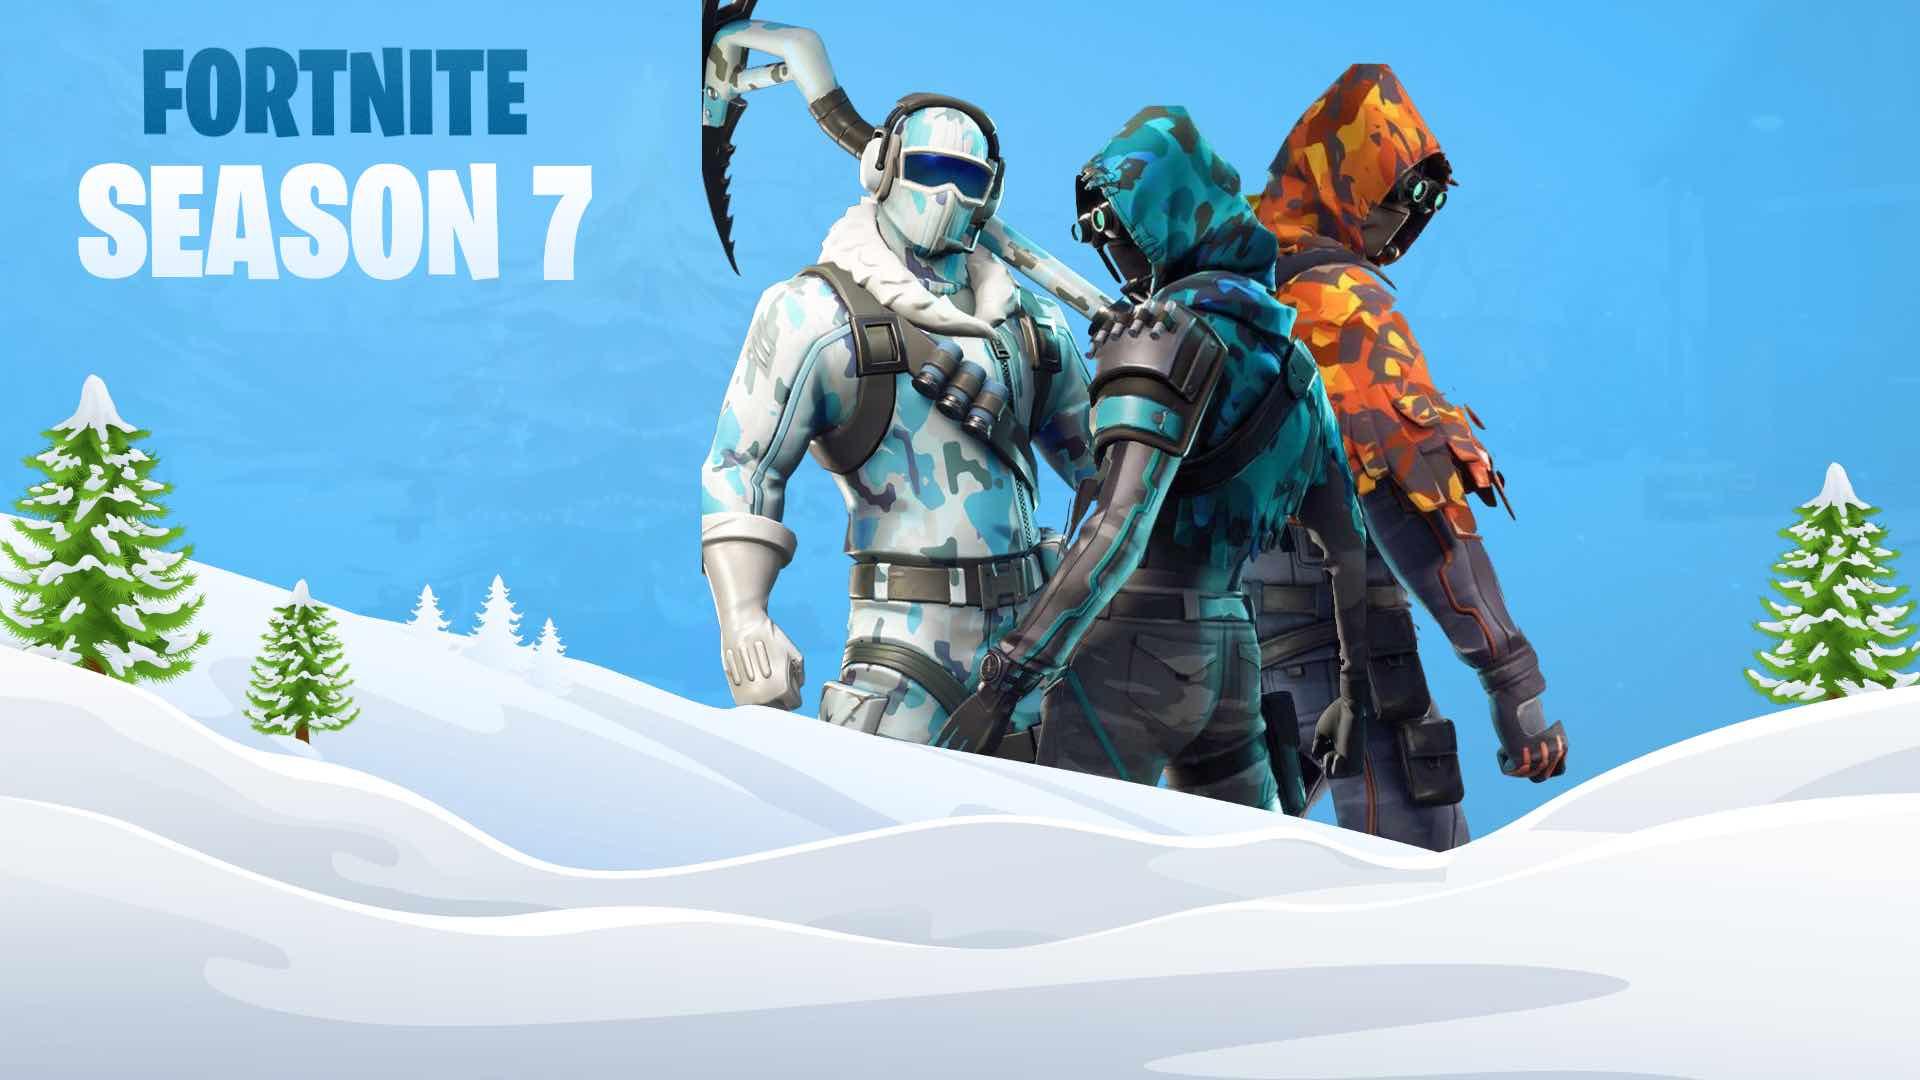 Fortnite Season 7 Starttijd Sneeuwstorm Ijsberg En Meer